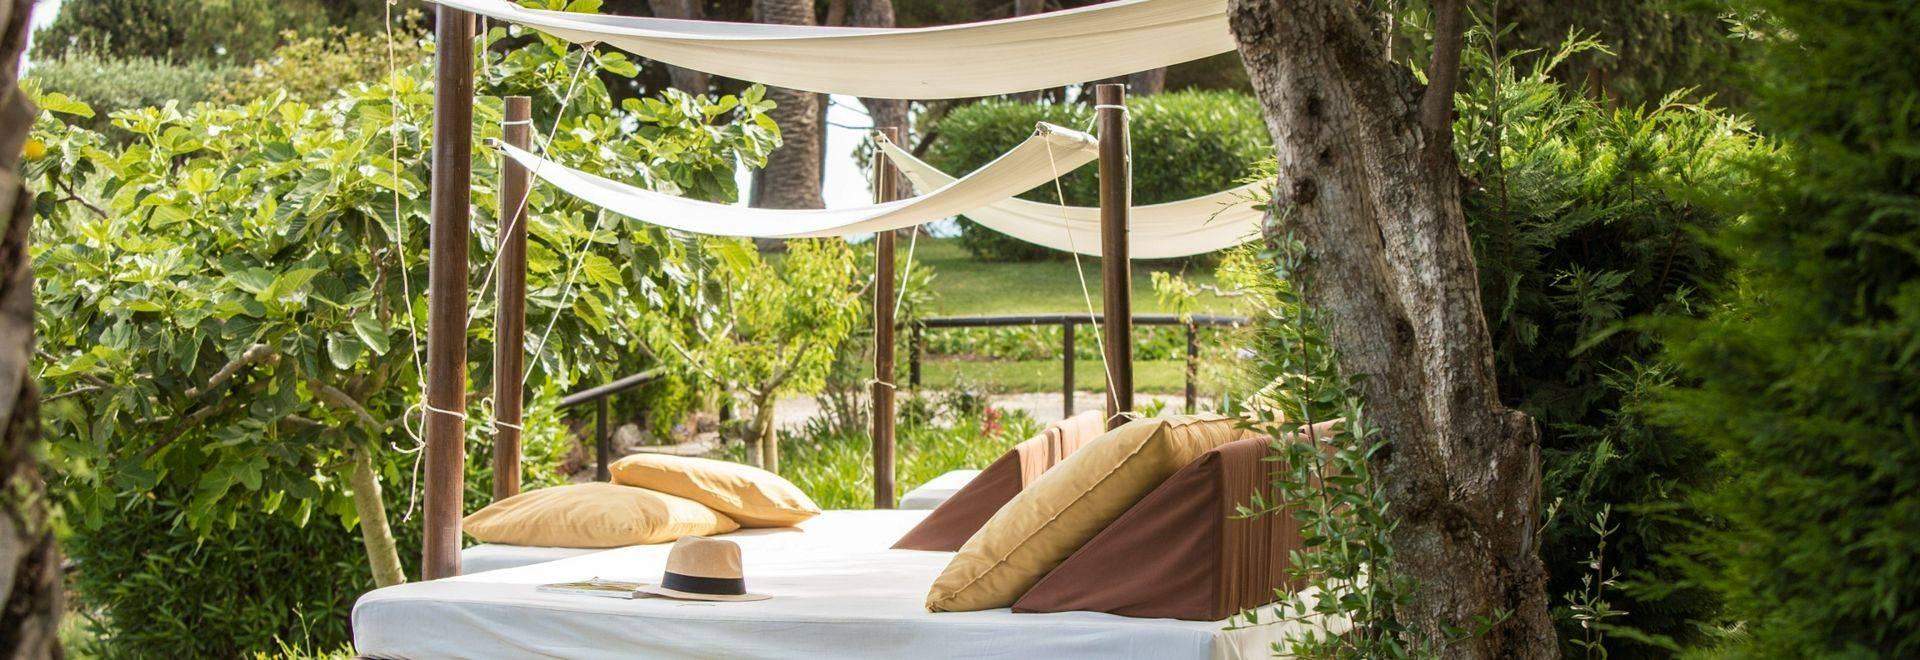 Vilalara-Thalassa-Resort-garden-bench.jpg